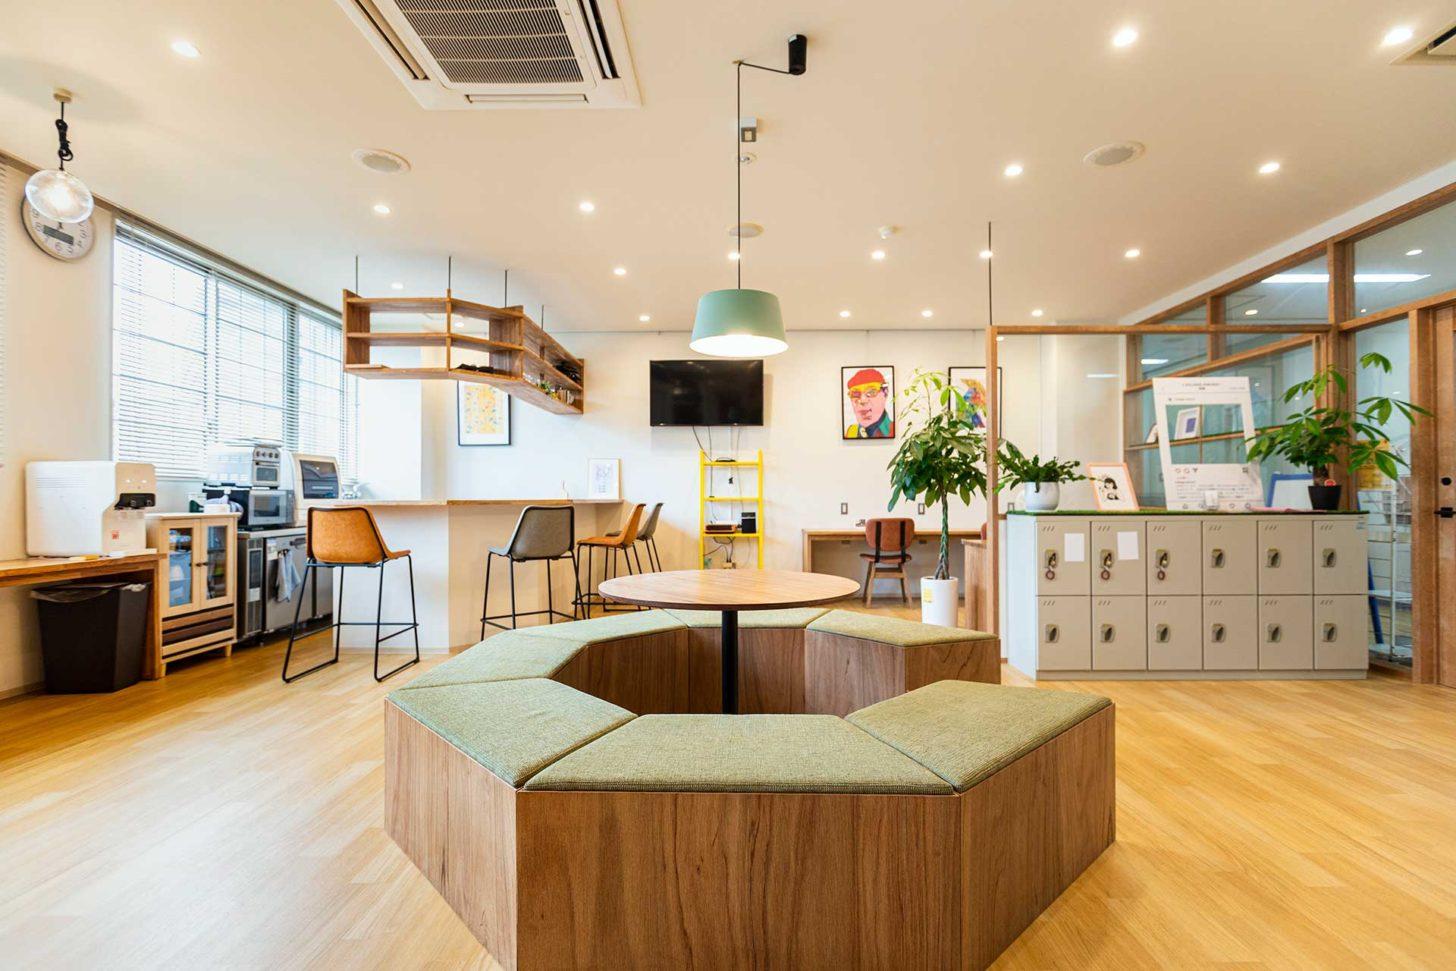 長崎県大村市 L VILLAGE(エル・ビレッジ) ラウンジスペースにはバーカウンターがあり、カウンターの中には簡易的なキッチンも用意。